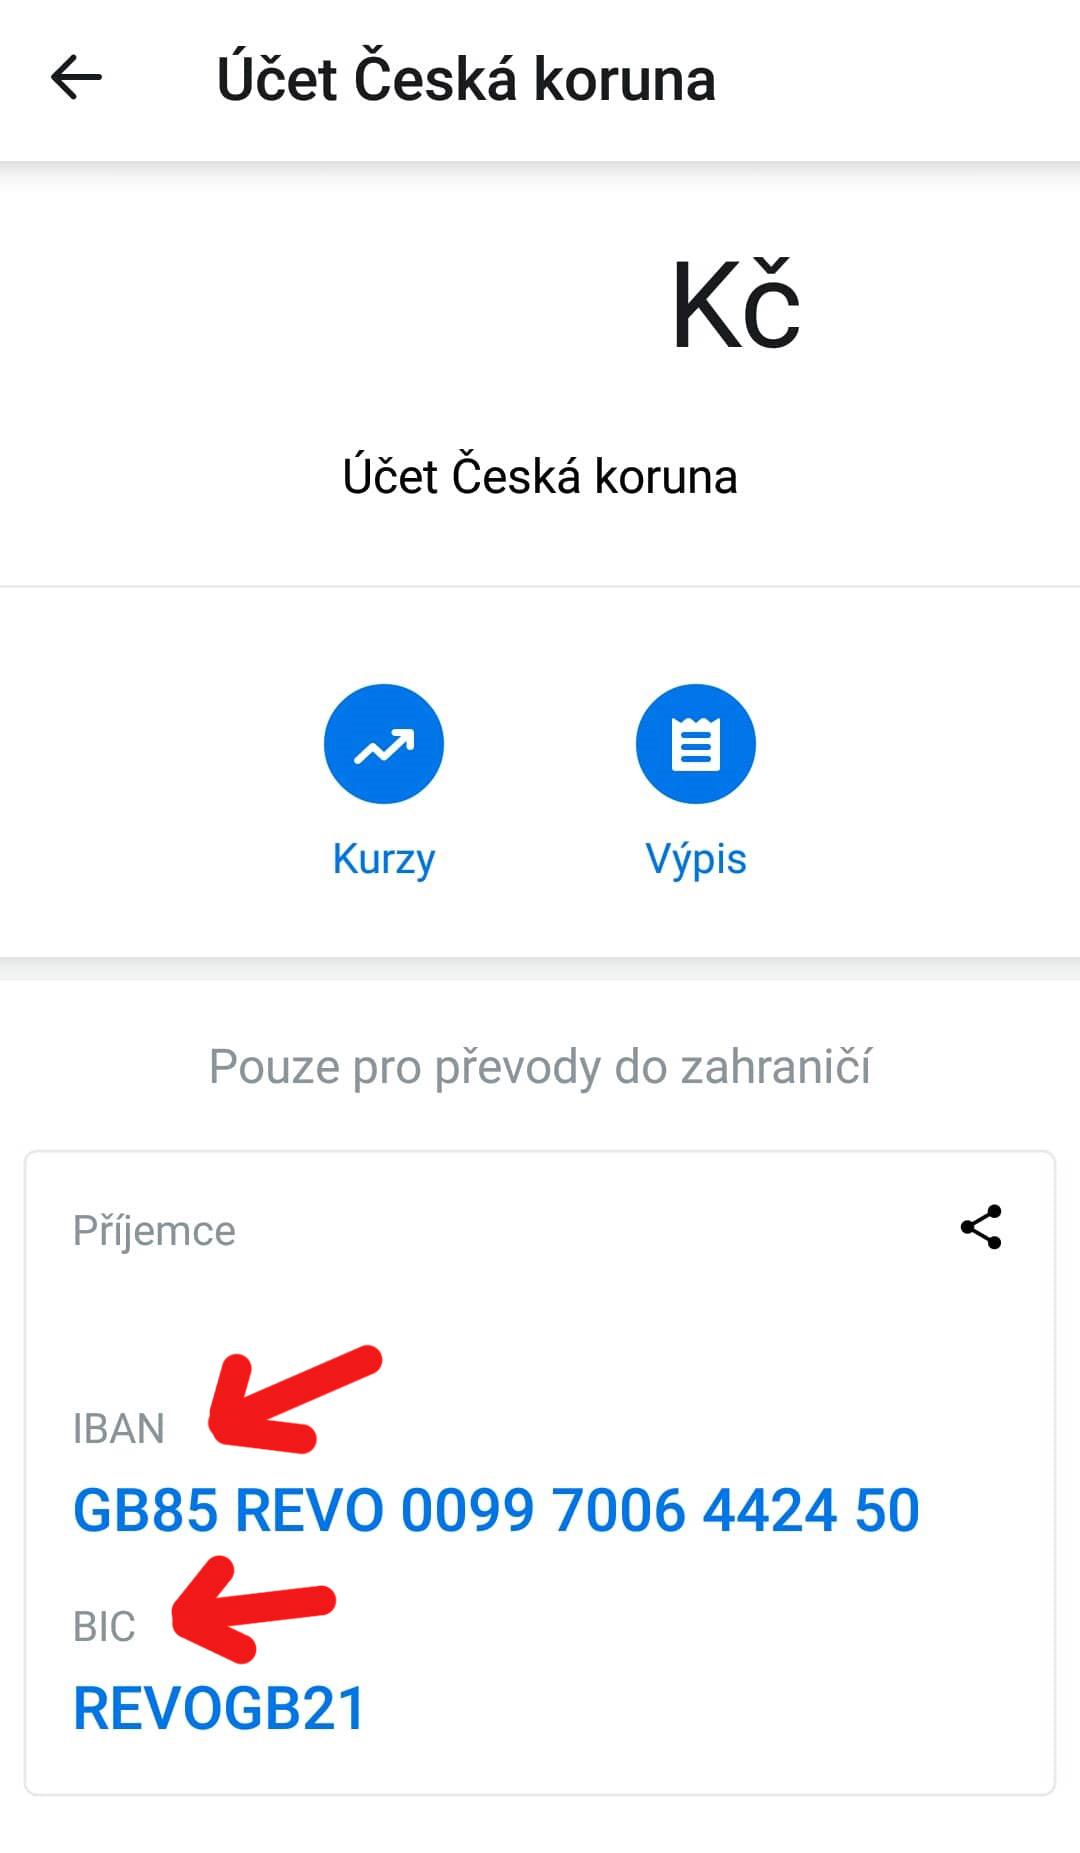 """Detail čísel IBAN a BIC v aplikaci Revolut, které se objevily po kliknutí na náš účet v sekci """"Řídící panel""""."""